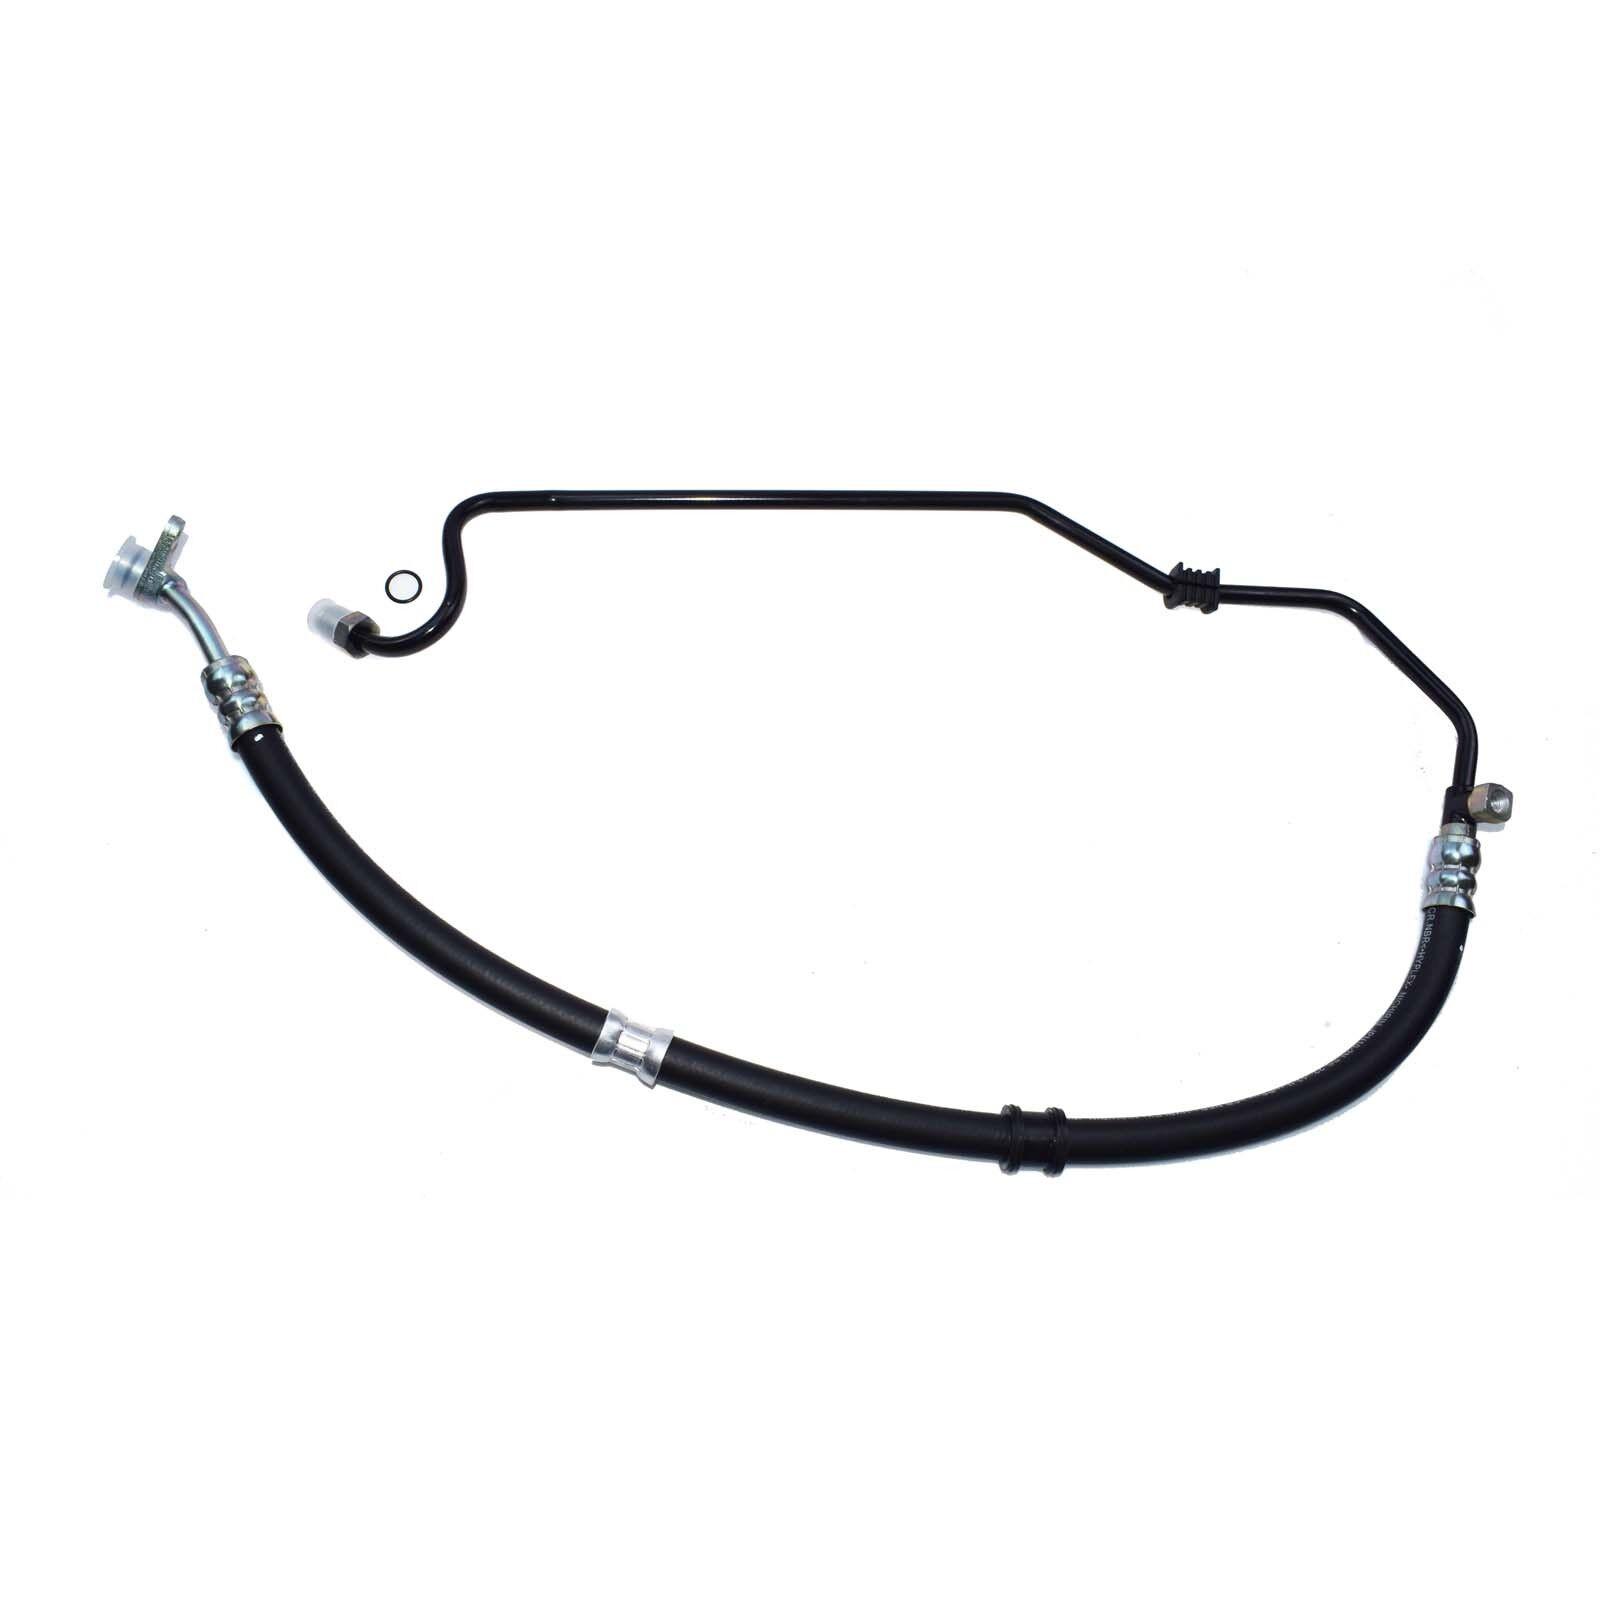 New P/S Power Steering Pressure Oil Hose For 04-08 TSX